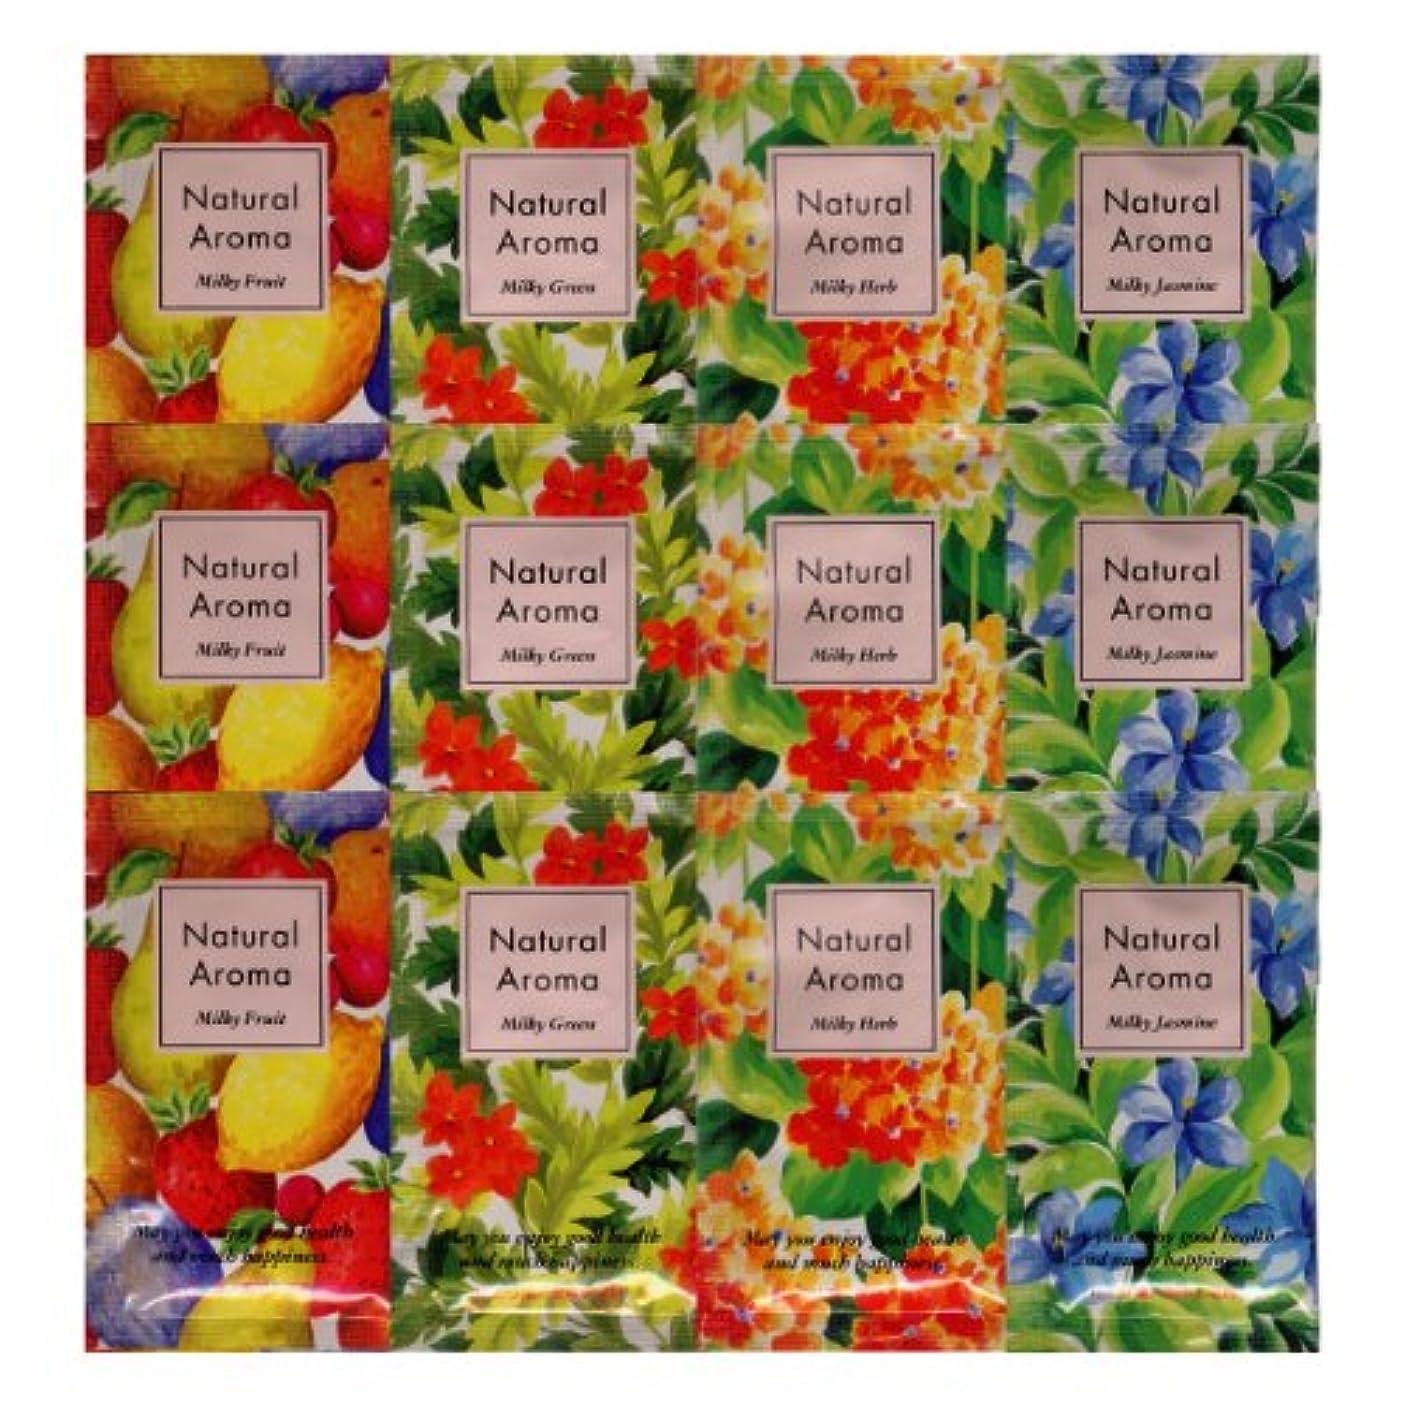 道路課税アラブサラボナチュラルアロマ 入浴剤 ミルキーハーブ 4種類×3 12包セット